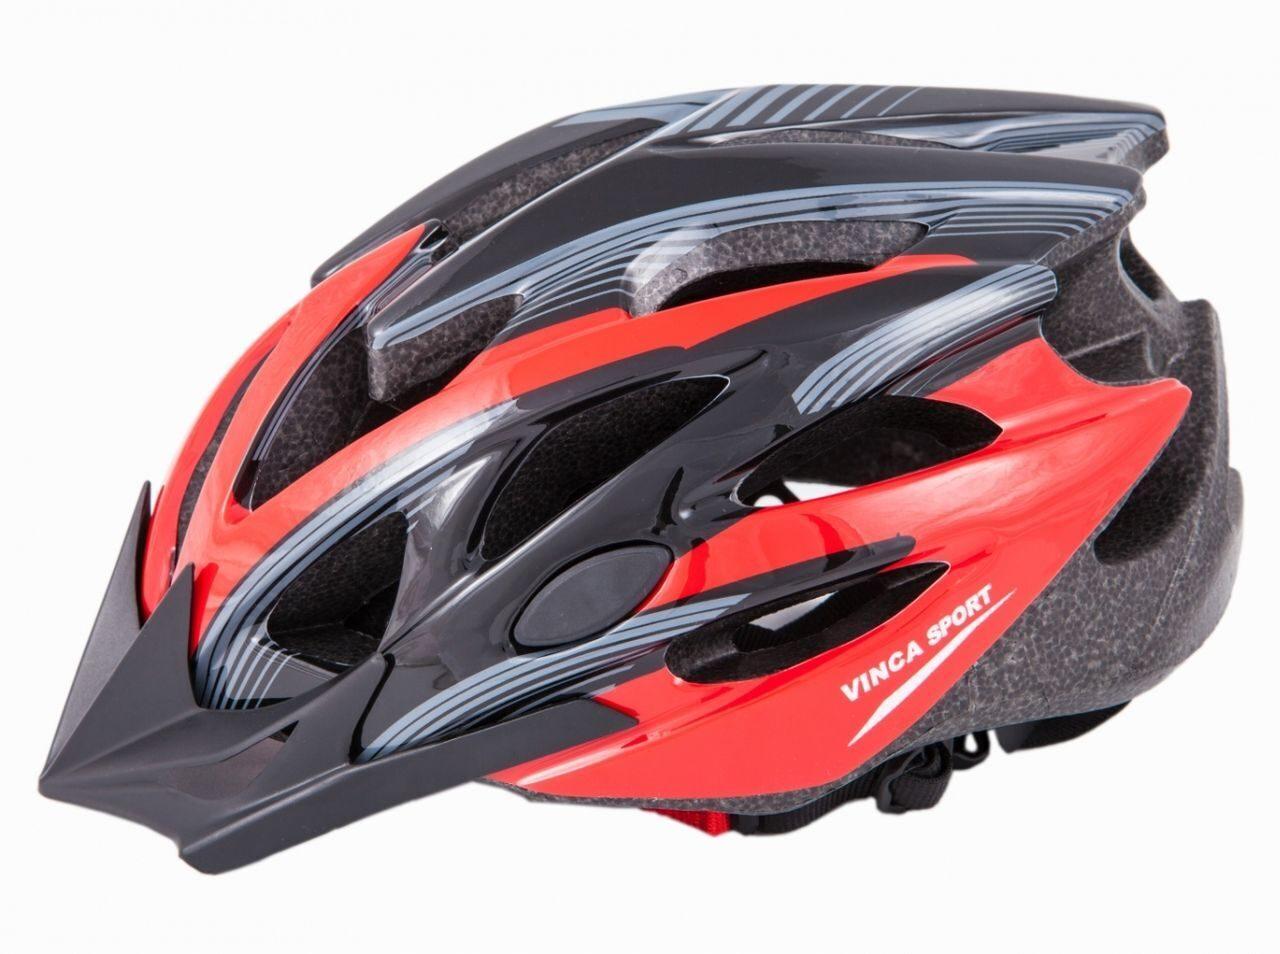 Шлем MTB Vinca sport VSH 29, красный/черный